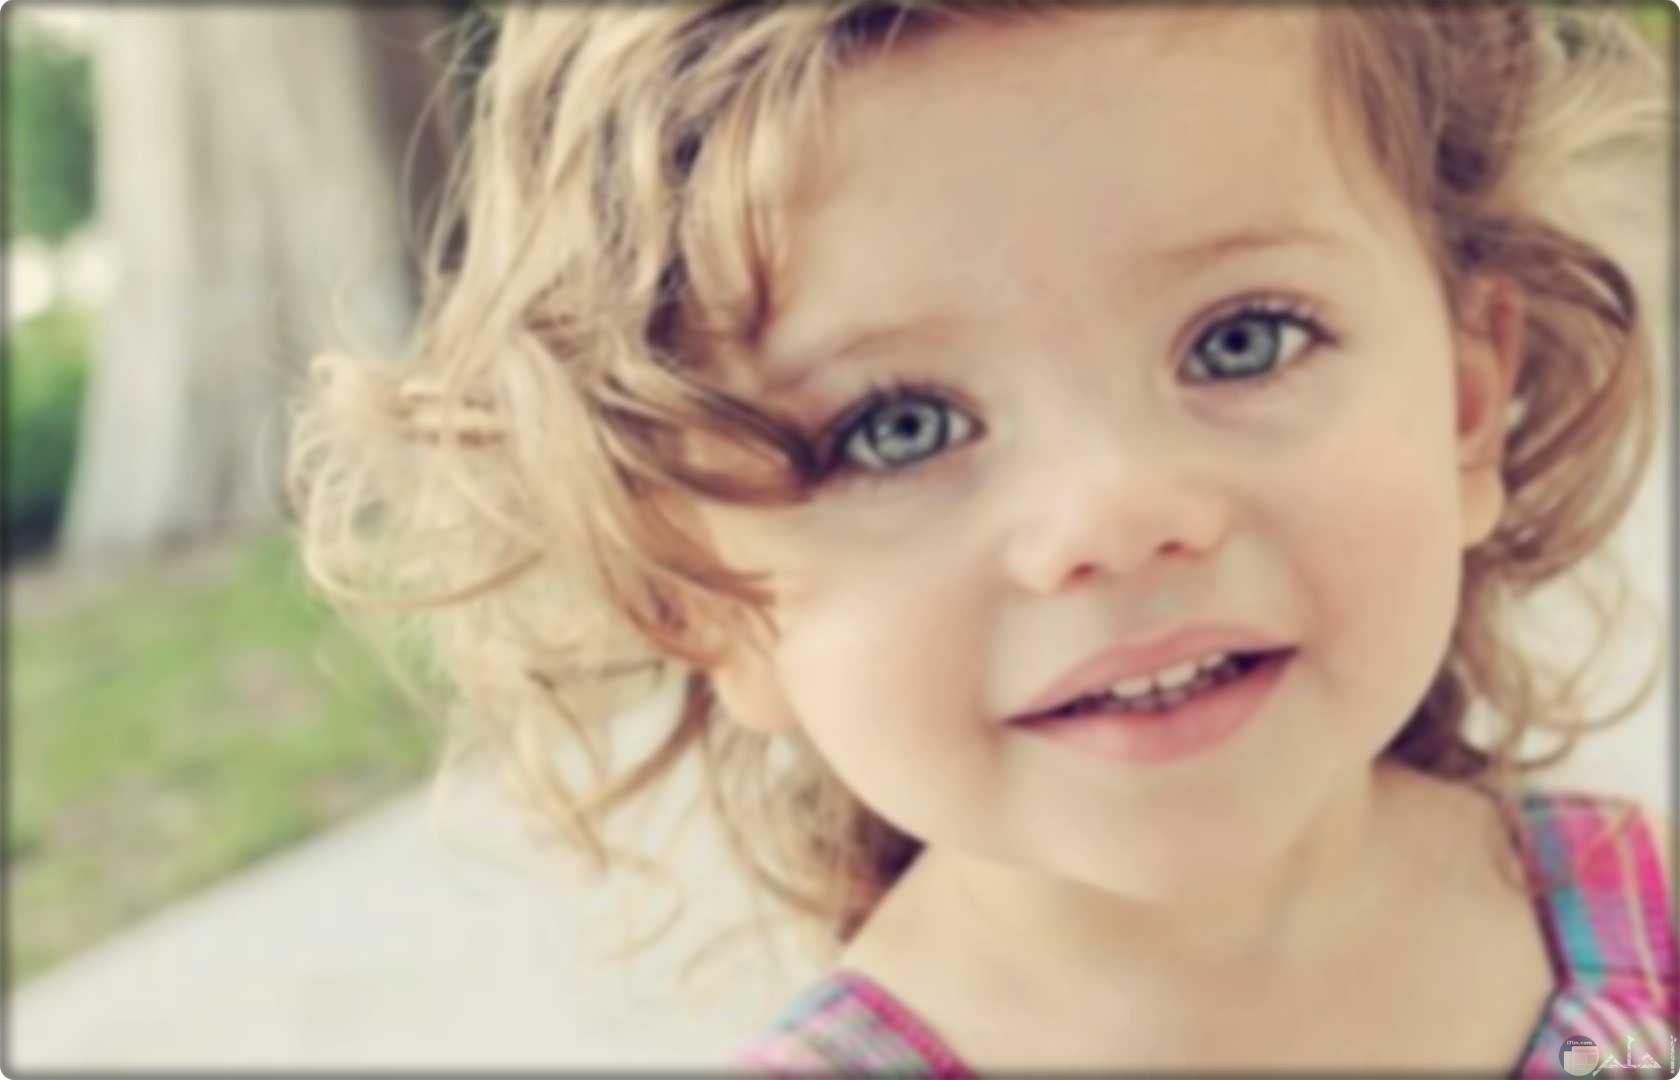 بنت صغيرة جميلة بشعر بنى مصفر و عين ملونة.